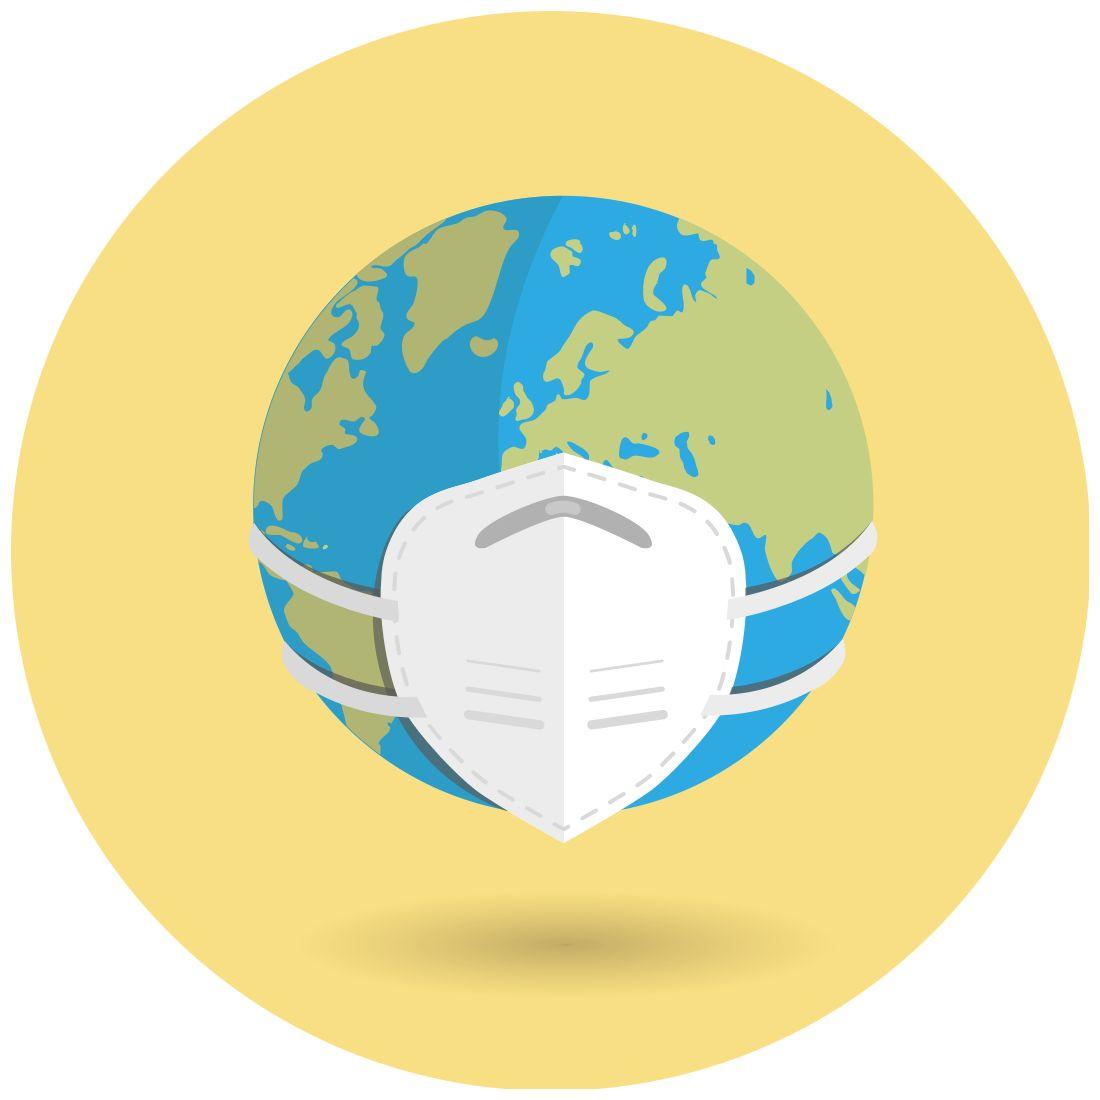 Wereldbol met mondkapje op